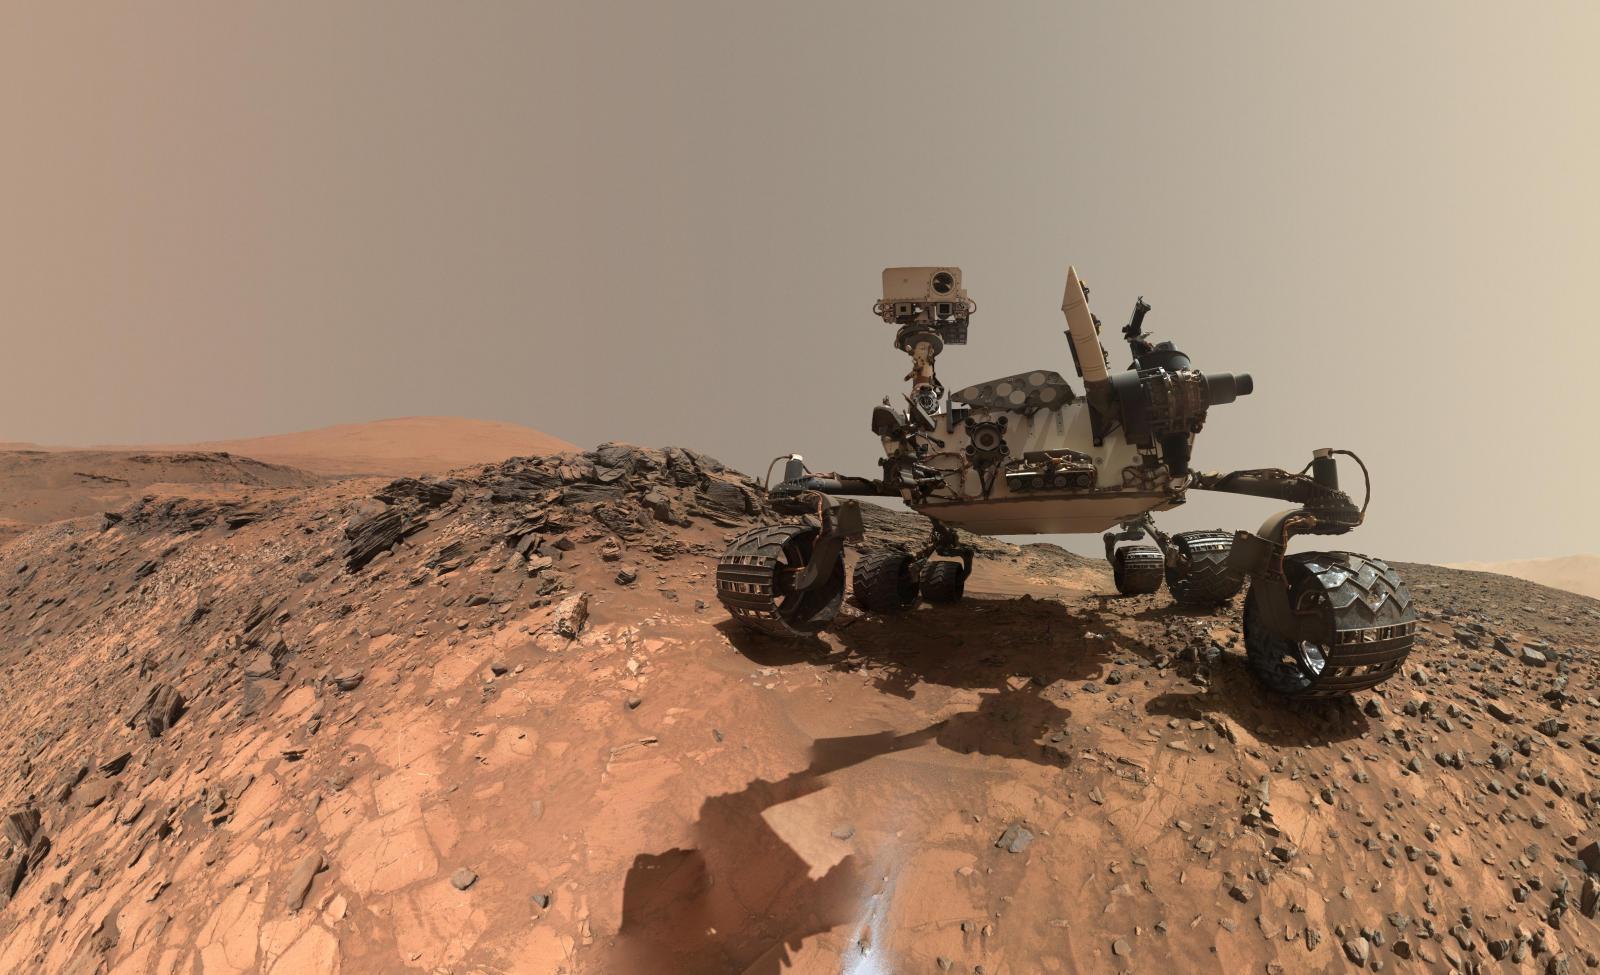 """ยานสำรวจ """"นาซ่า"""" พบโมเลกุลสารอินทรีย์บน """"ดาวอังคาร"""" คาดอาจเคยมีสิ่งมีชีวิต"""